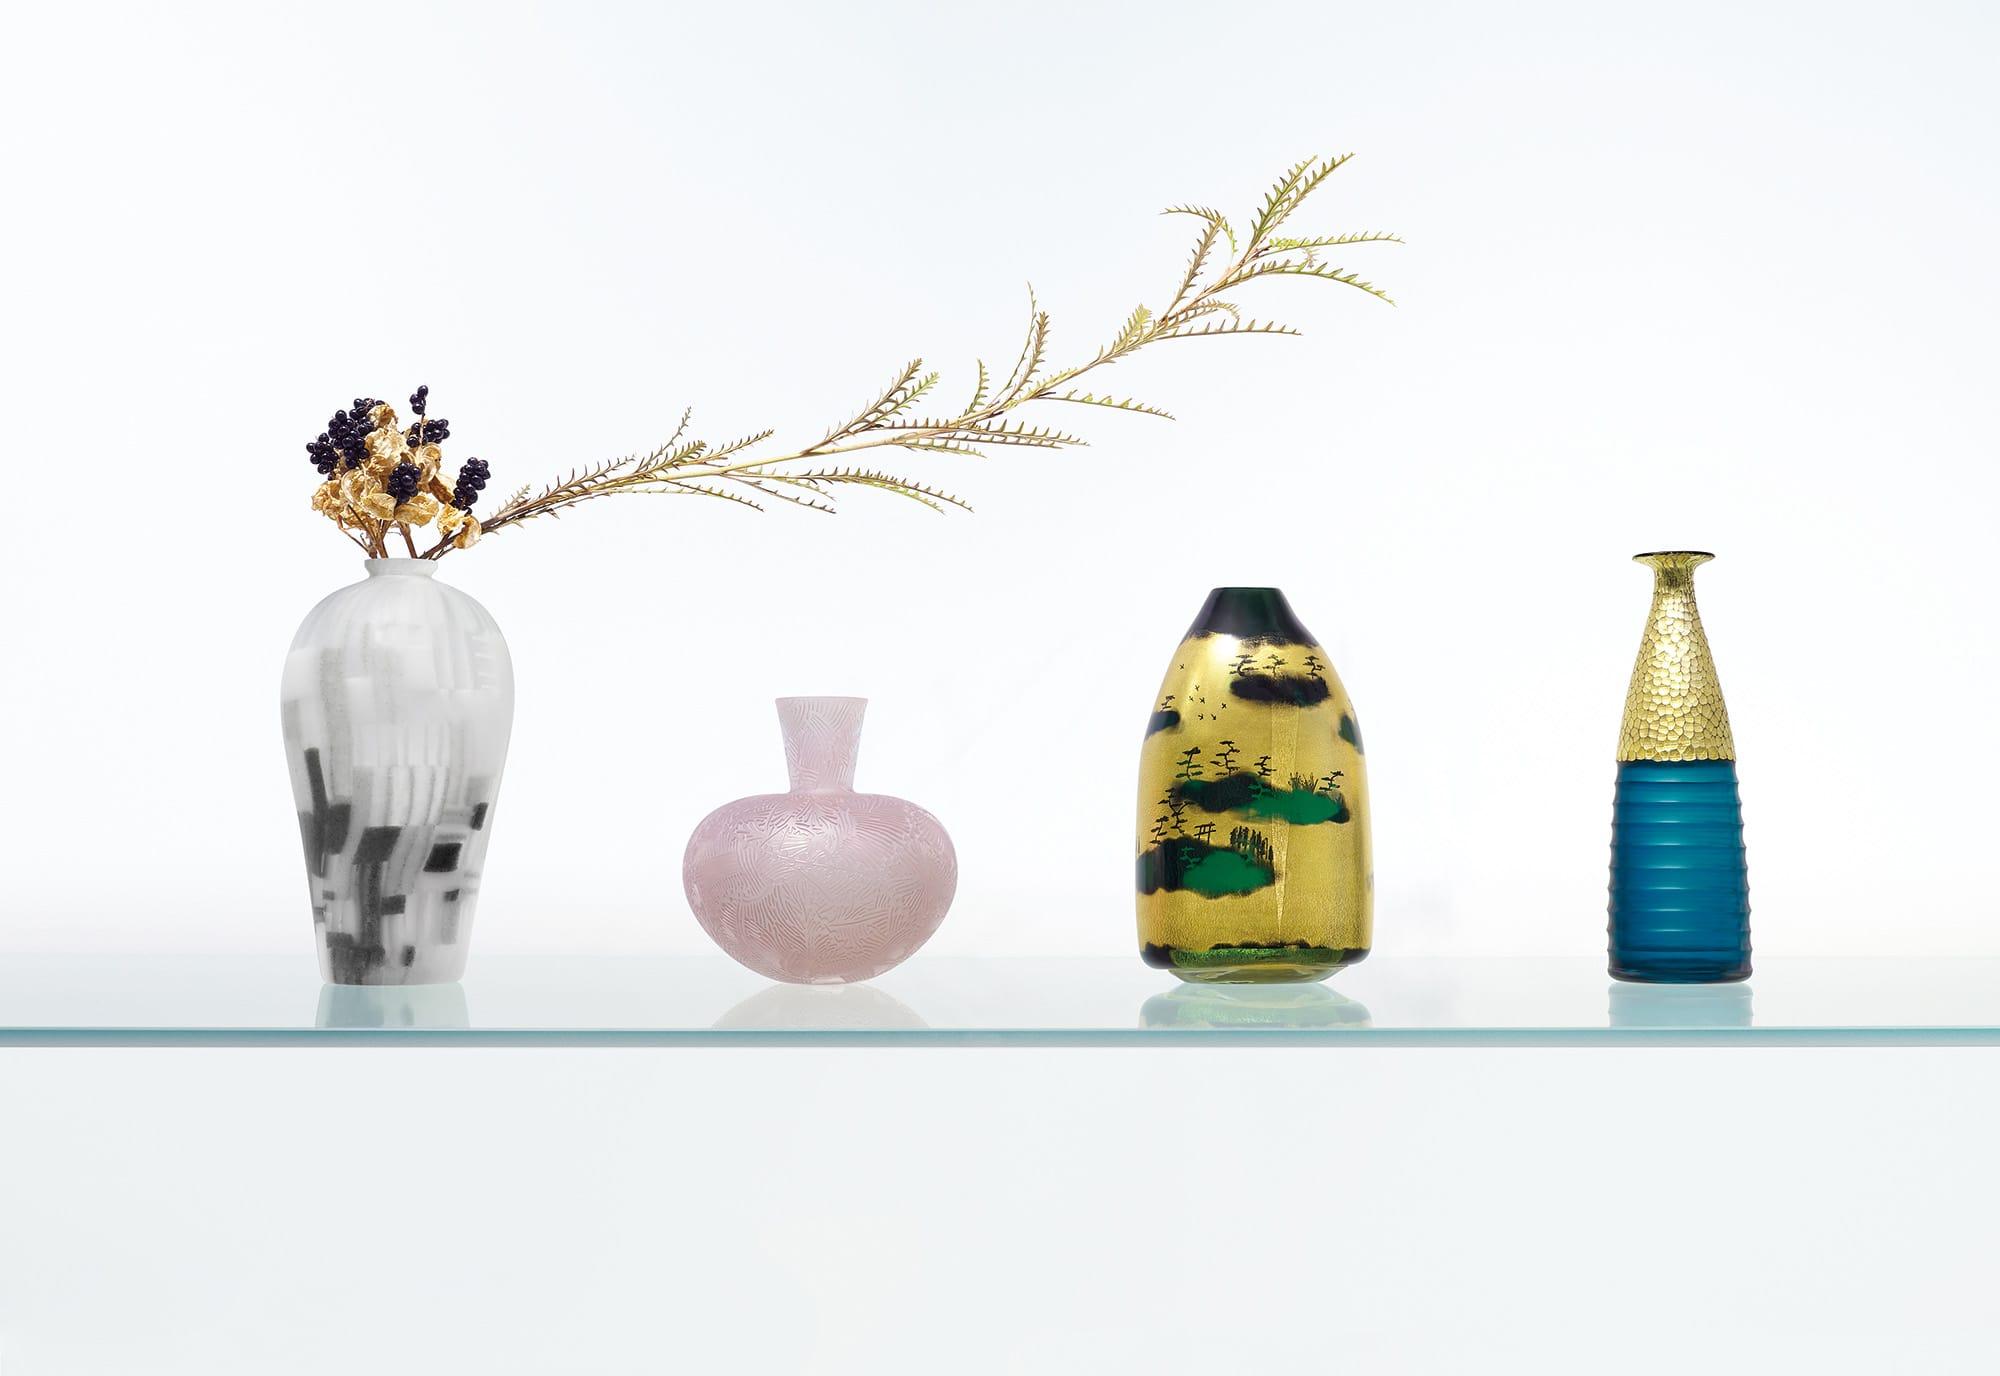 富山ガラス工房の若手作家たちが日本の美術作品にインスピレーションを得て日本の「美学」を花器に表現。左から金東希「松林」、三野直子「梅花皓月」、ワタナベサラ「洛中洛外」、小寺暁洋「燕子花」 Photography by Fumihiko Oki